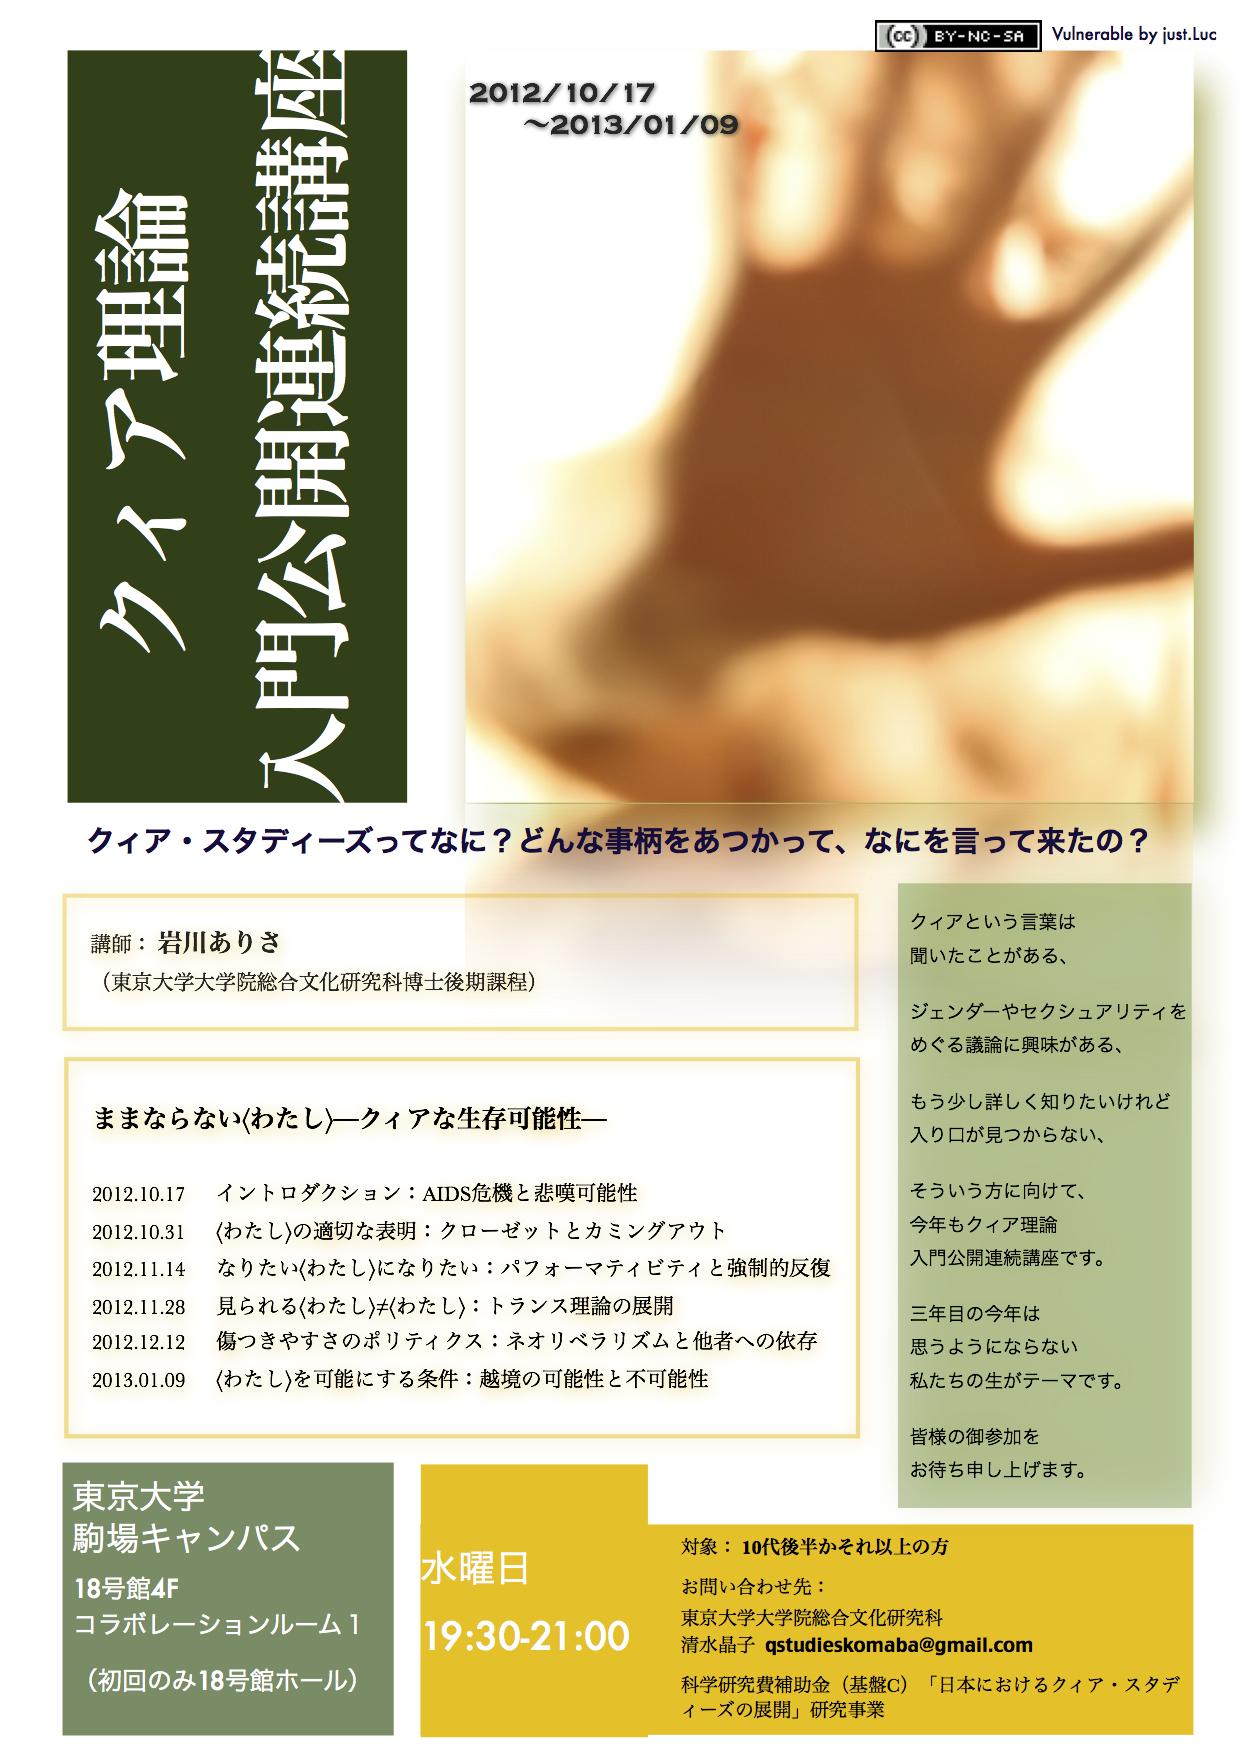 12年公開講座ポスター のコピー